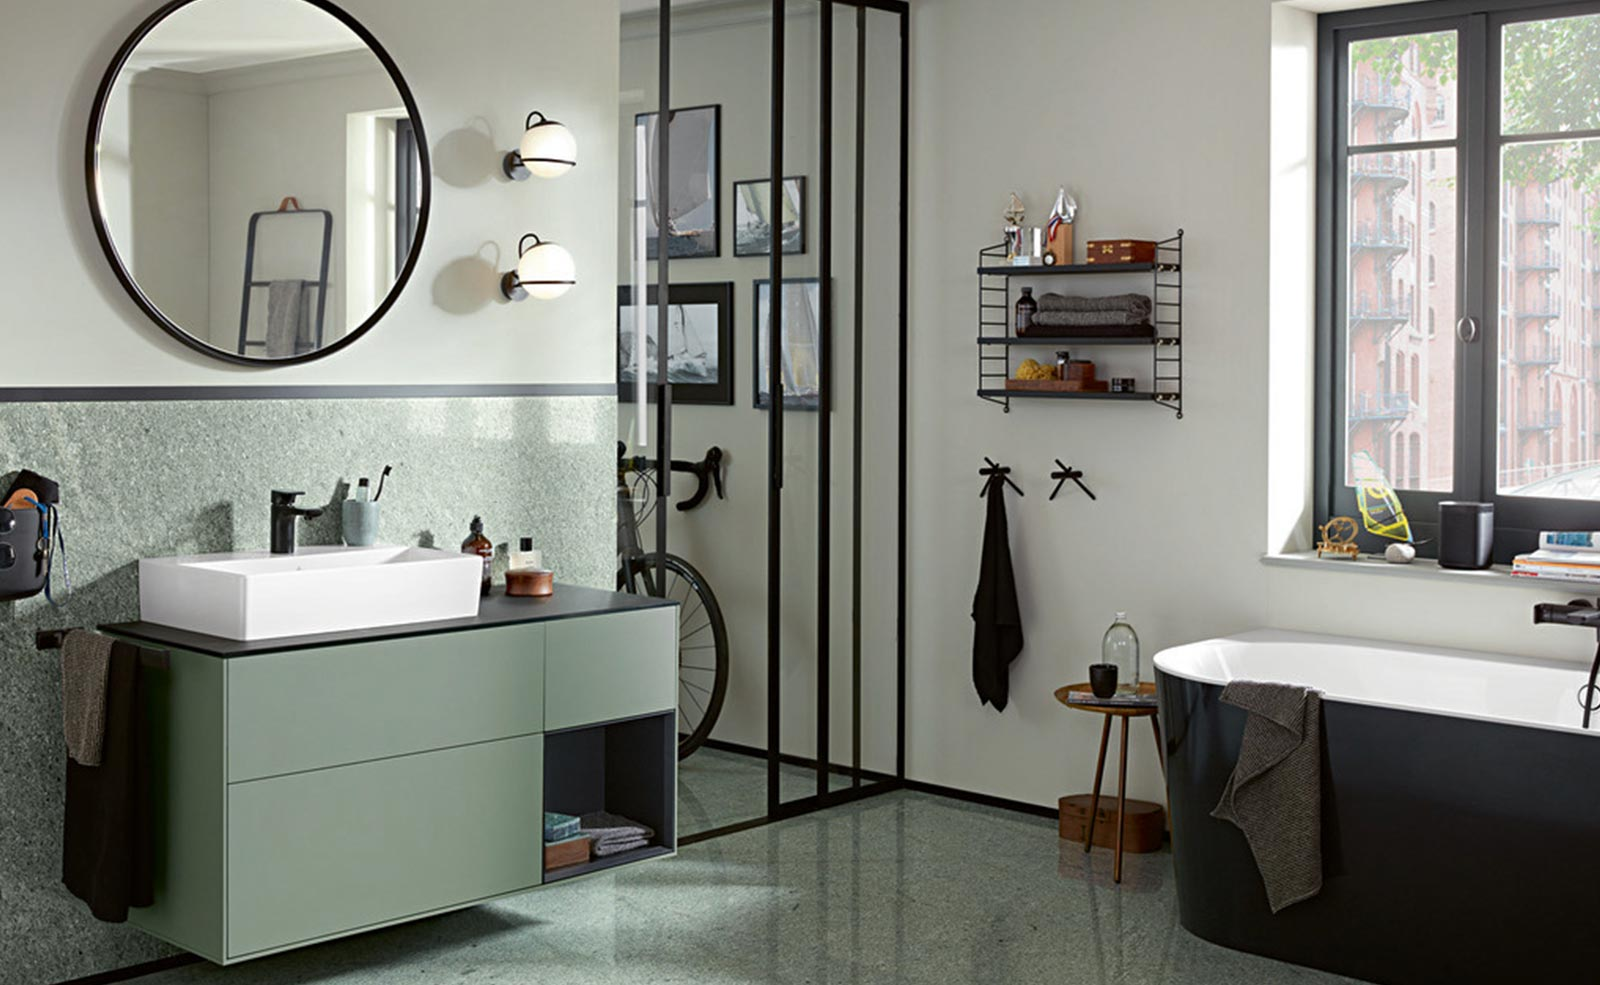 Badezimmer Trends 12: Ideen von Villeroy & Boch für zeitlos